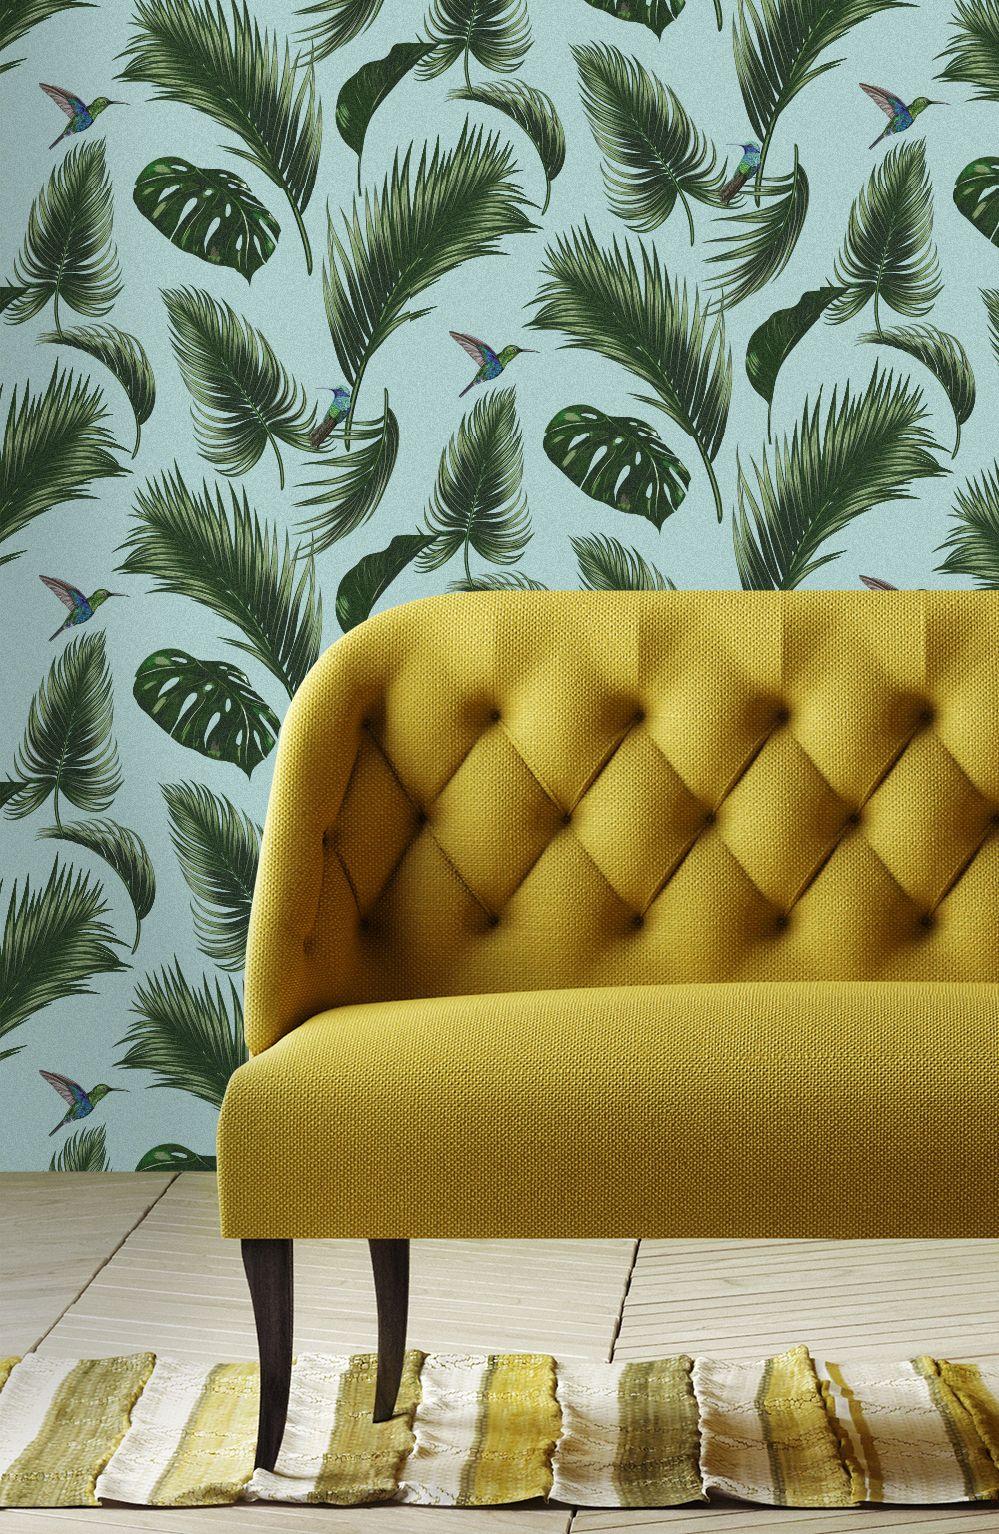 papermint le papier peint qui assume sa diff rence. Black Bedroom Furniture Sets. Home Design Ideas